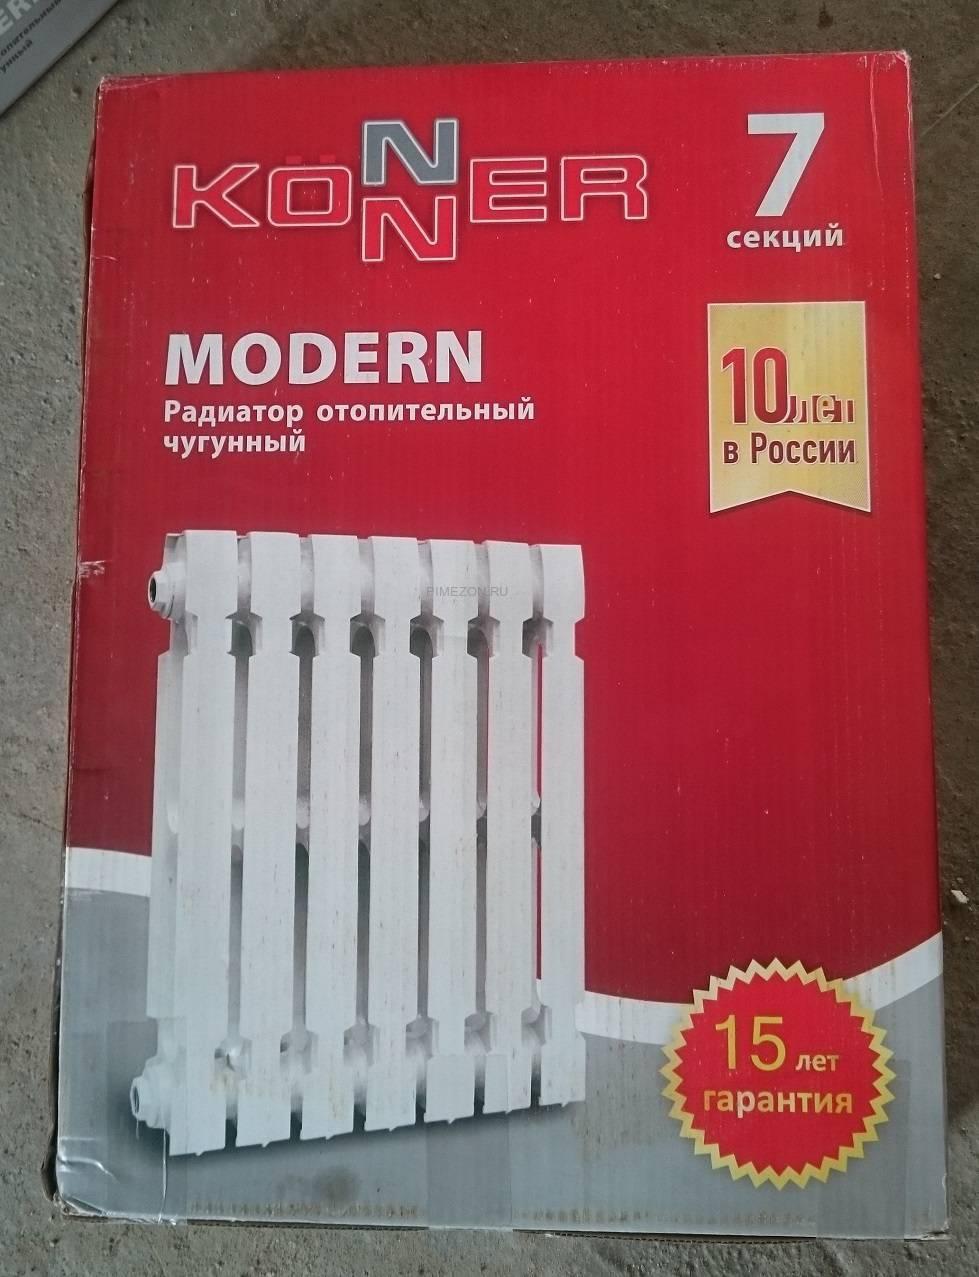 Чугунные радиаторы отопления konner: видео-инструкция по монтажу своими руками, особенности изделий конрад, кондор, цена, фото